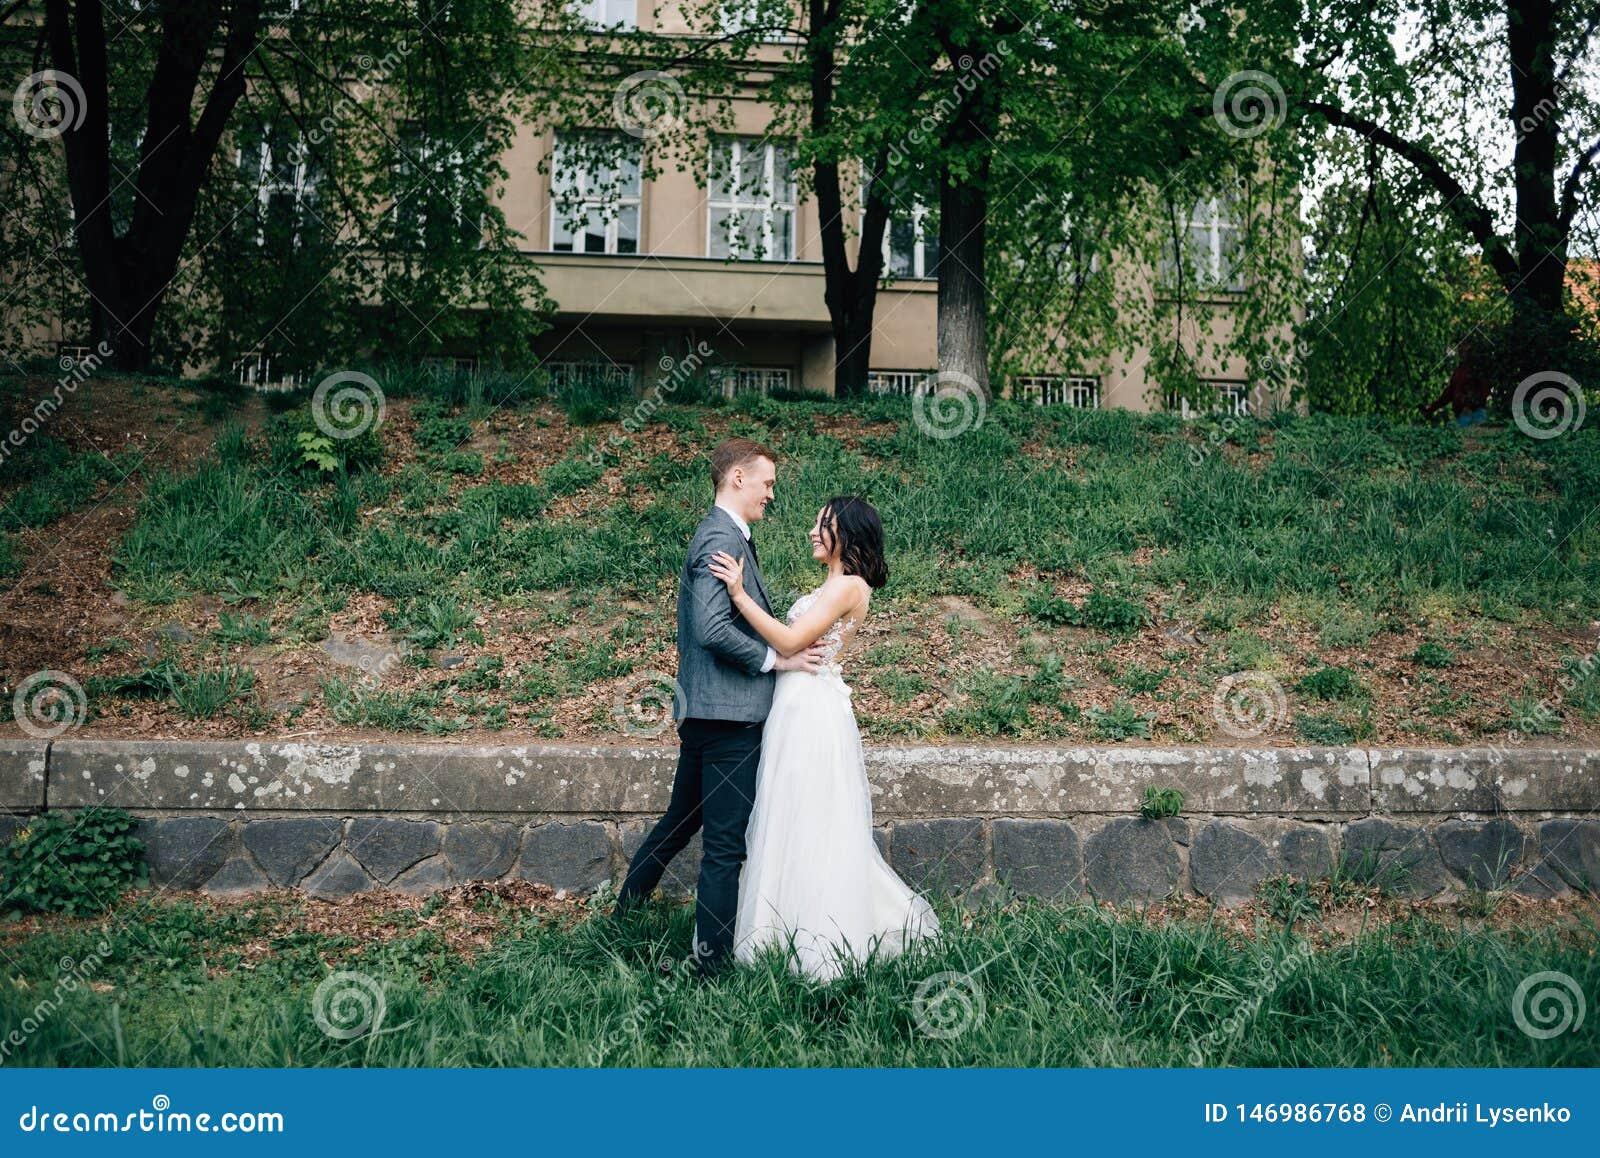 Пары в любов, жених и невеста, прогулка в свежем воздухе Природа, трава и зеленые деревья